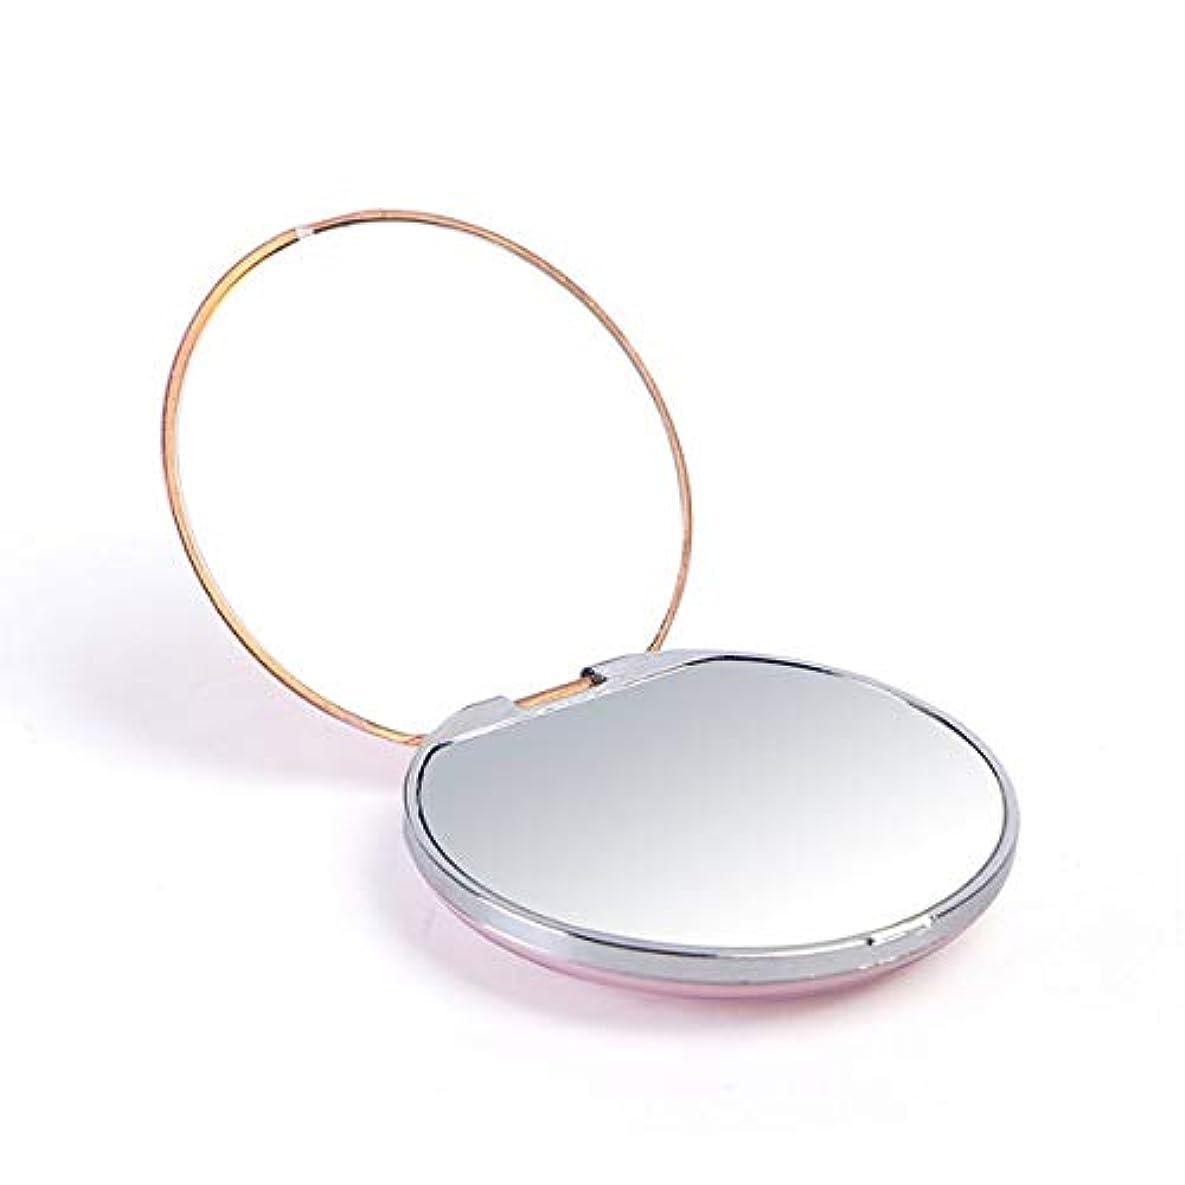 好きであるレンディション摩擦化粧鏡、亜鉛合金テクスチャアップグレード化粧鏡化粧鏡化粧ギフト